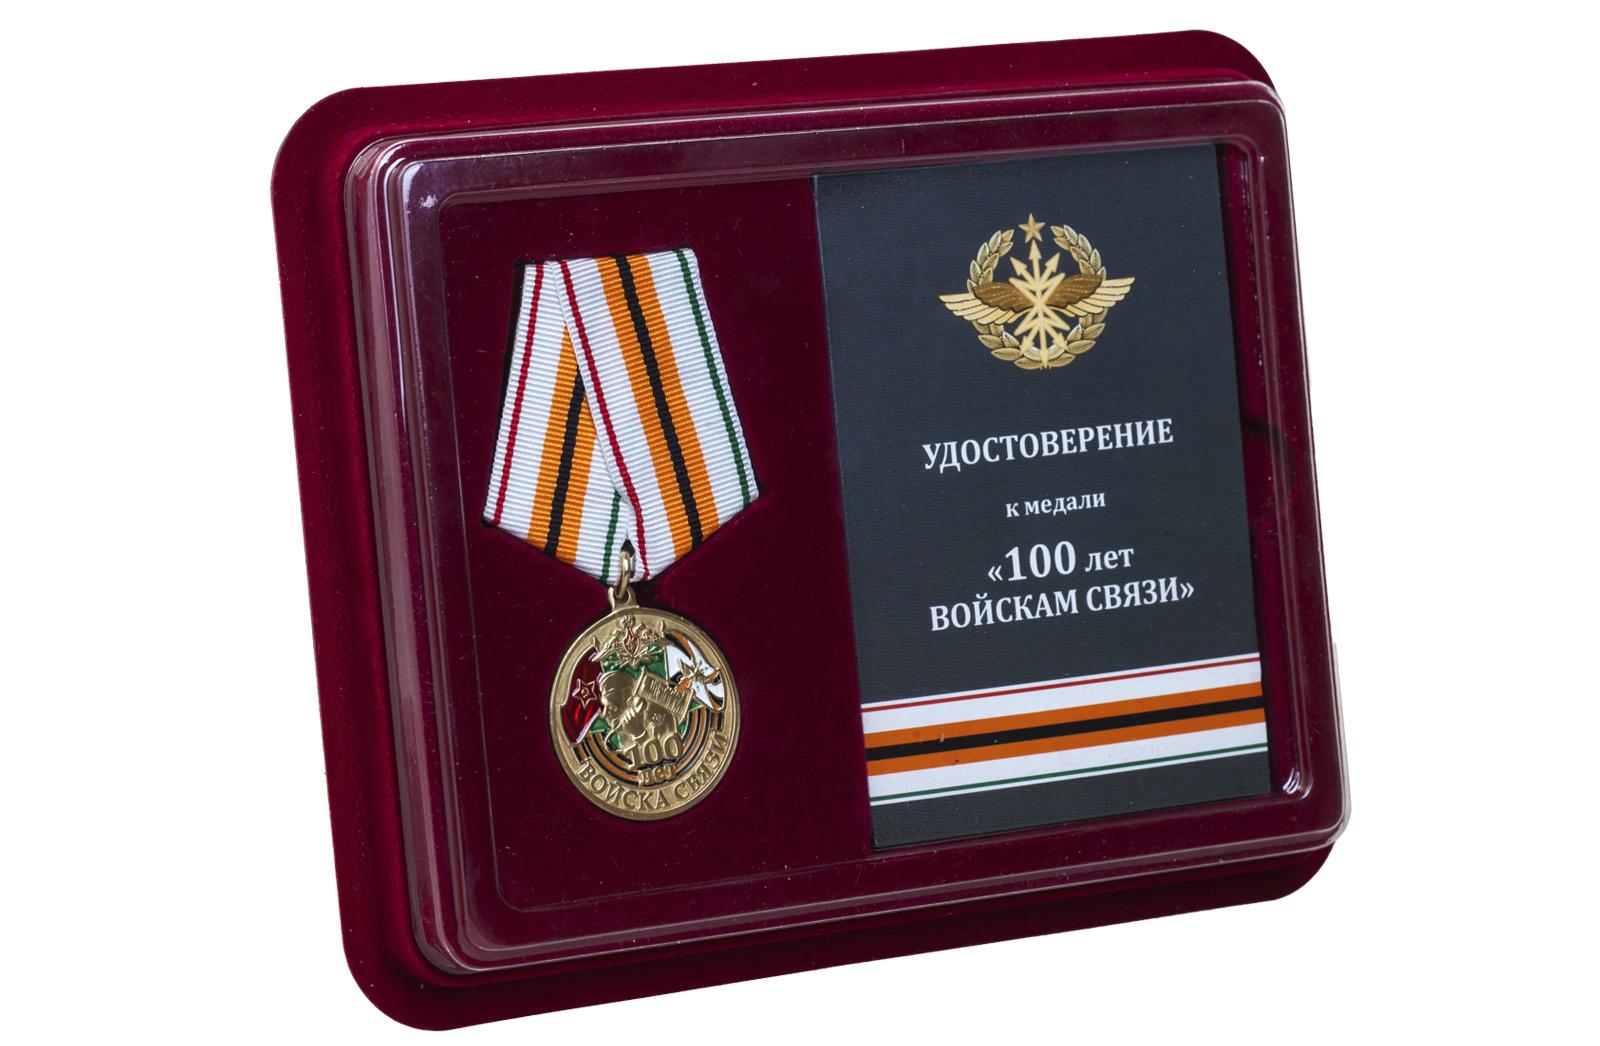 Купить юбилейную медаль 100 лет Войскам связи в футляре с удостоверением оптом или в розницу